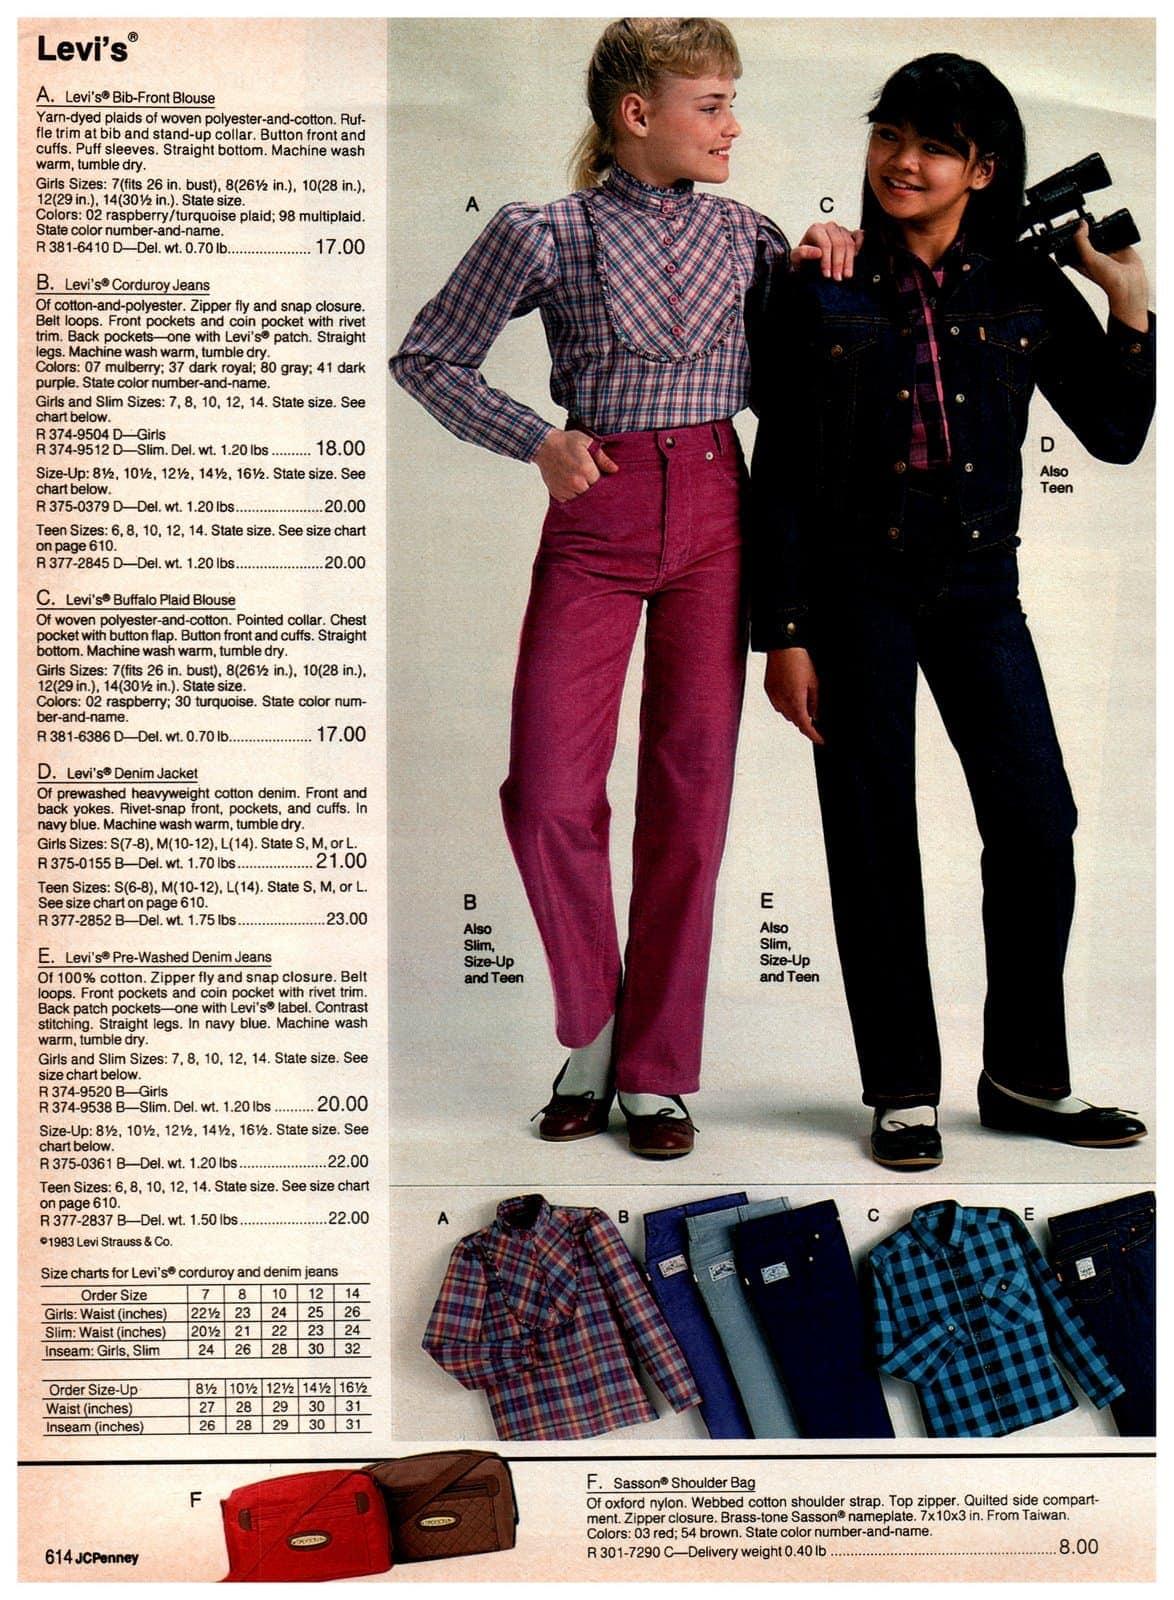 Levi's bib-front blouse, corduroy jeans, Buffalo plaid blouse, denim jacket and jeans - plus a Sassoon shoulder bag